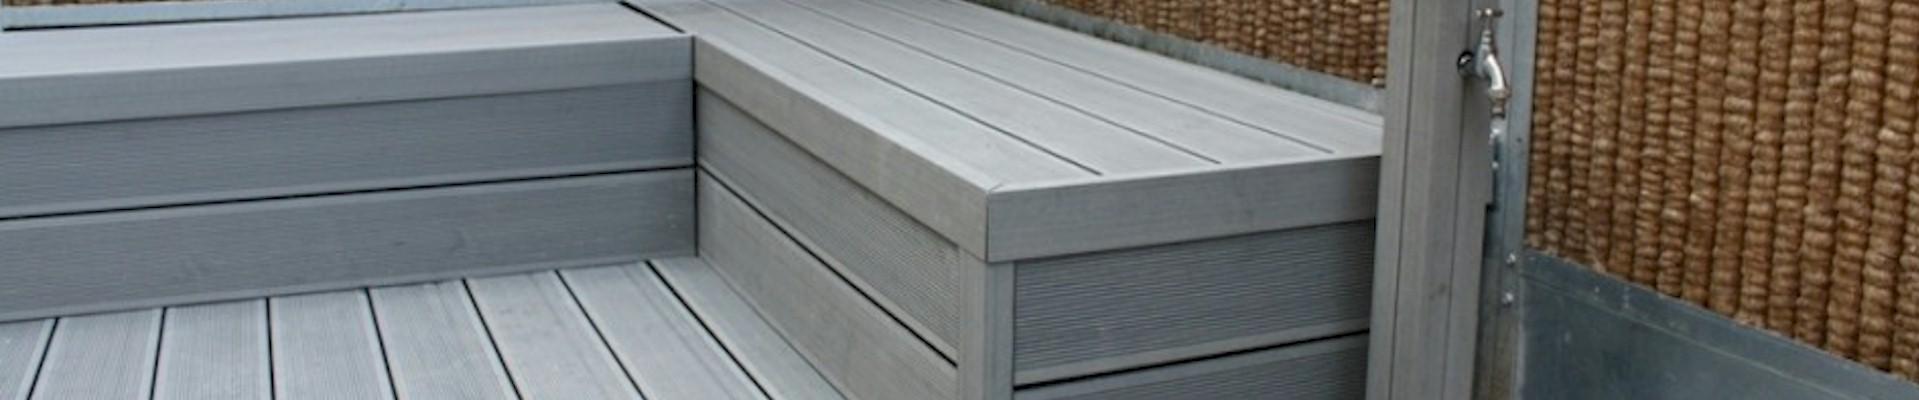 Suppliers of garden plastic decking order online at for Plastic garden decking